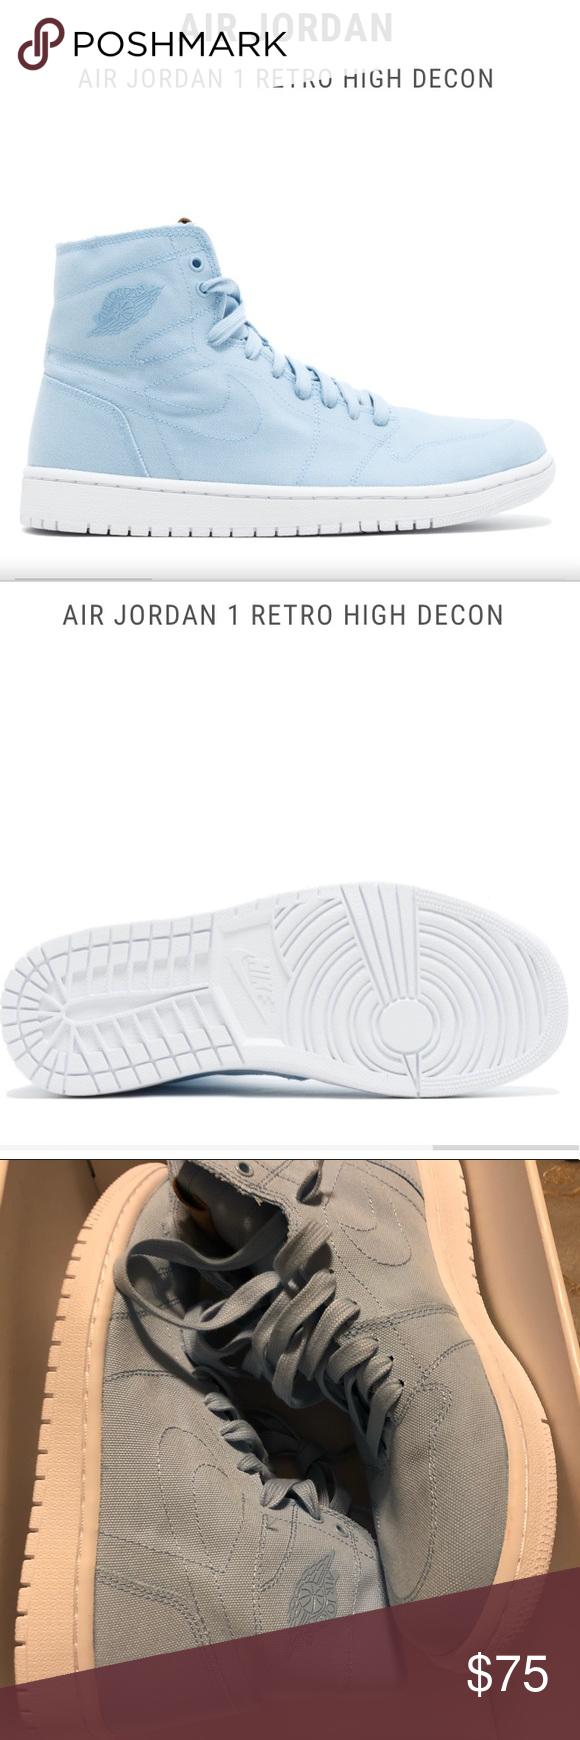 air jordan 1 retro high decon